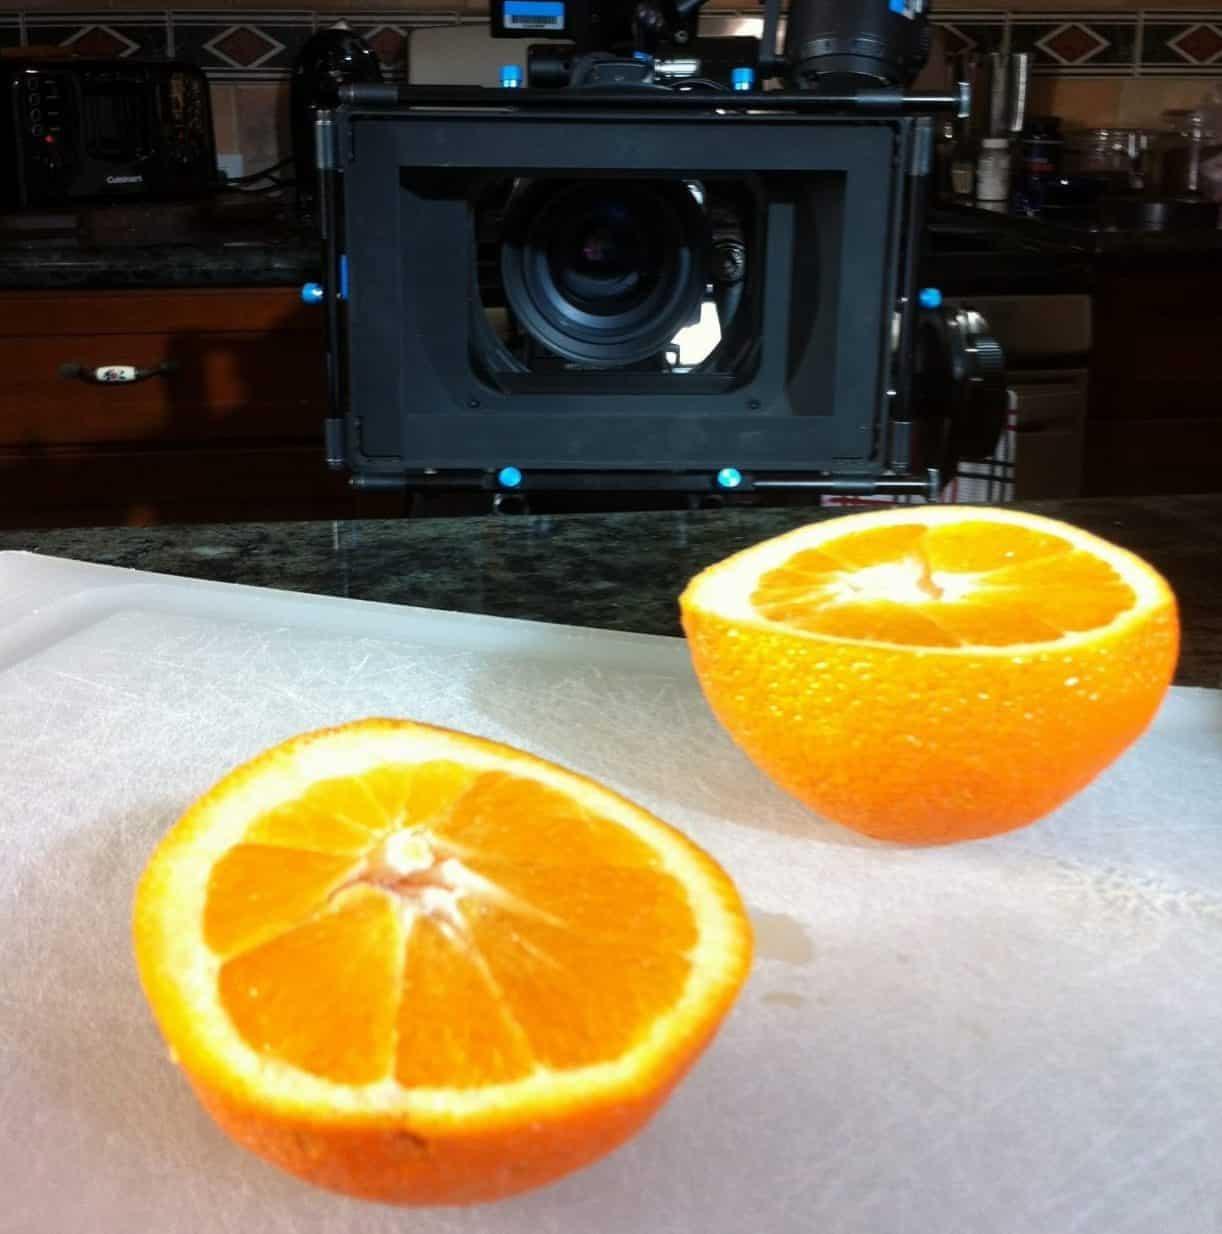 oranges studio shot RED 6k color grading in DaVinici Resolve Editing in Avid